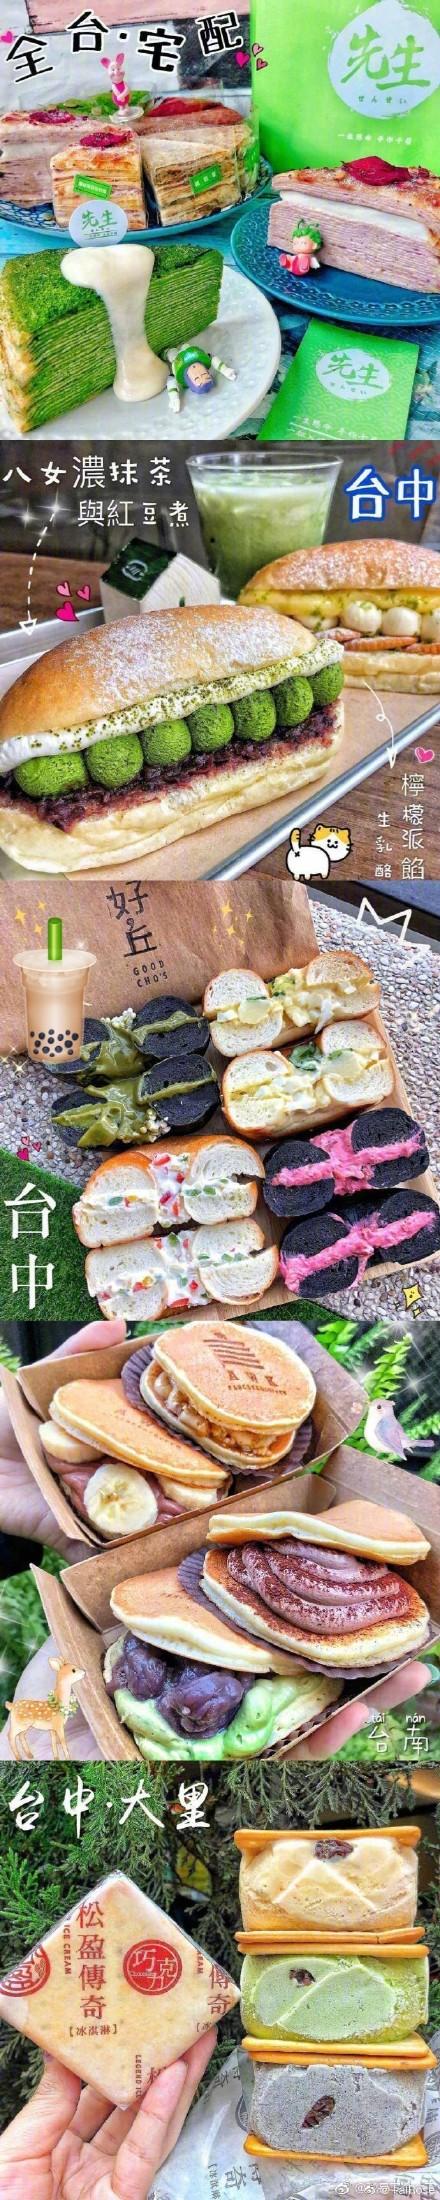 台湾美食有多诱人